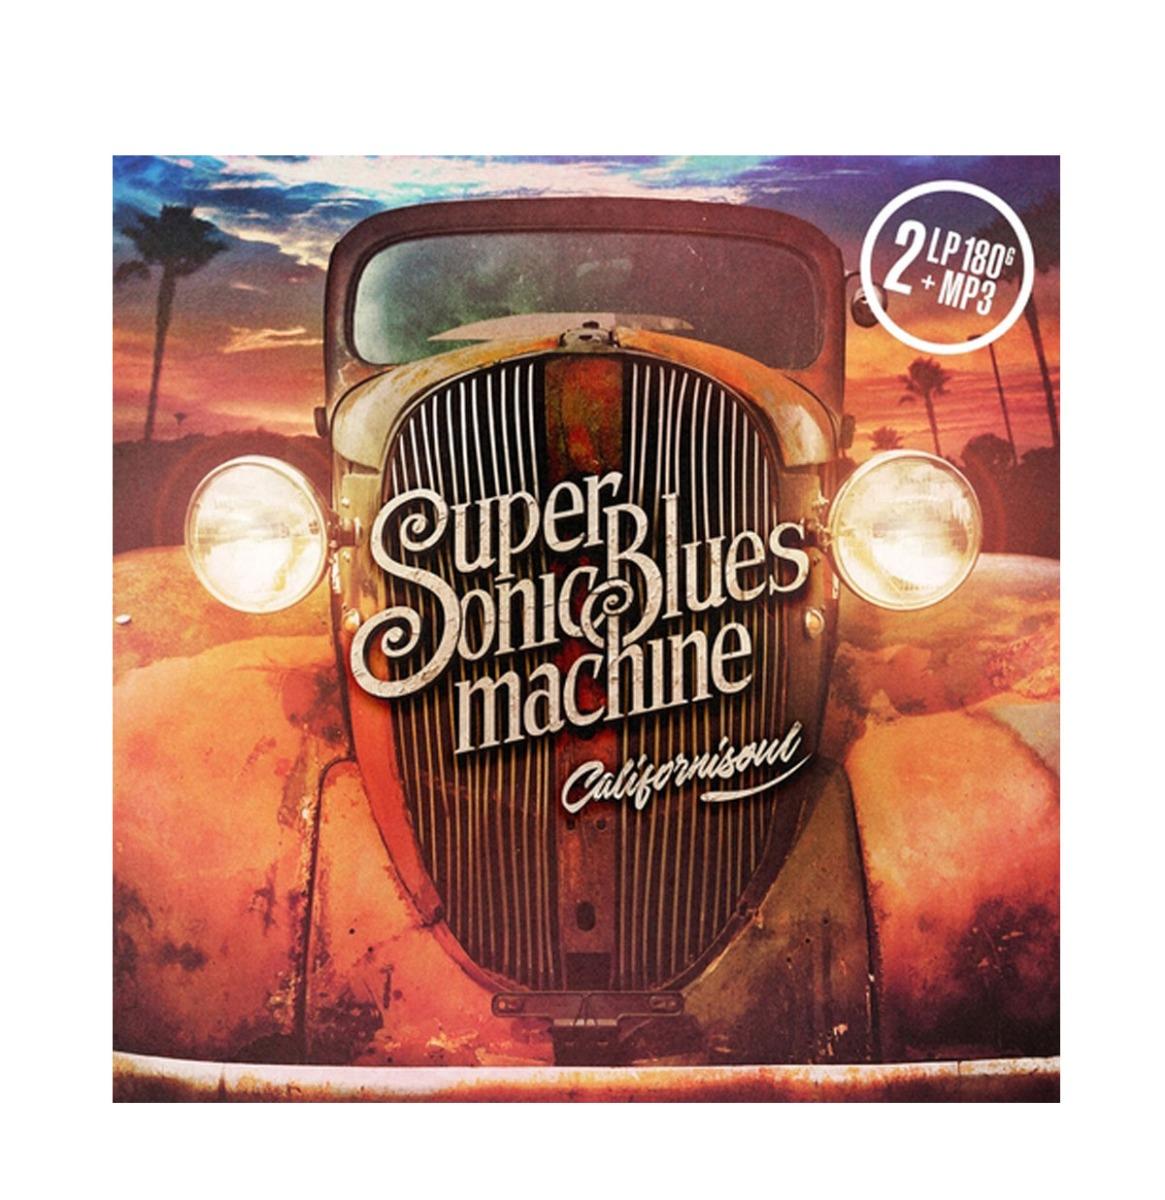 Supersonic Blues Machine - Californisoul 2 LP